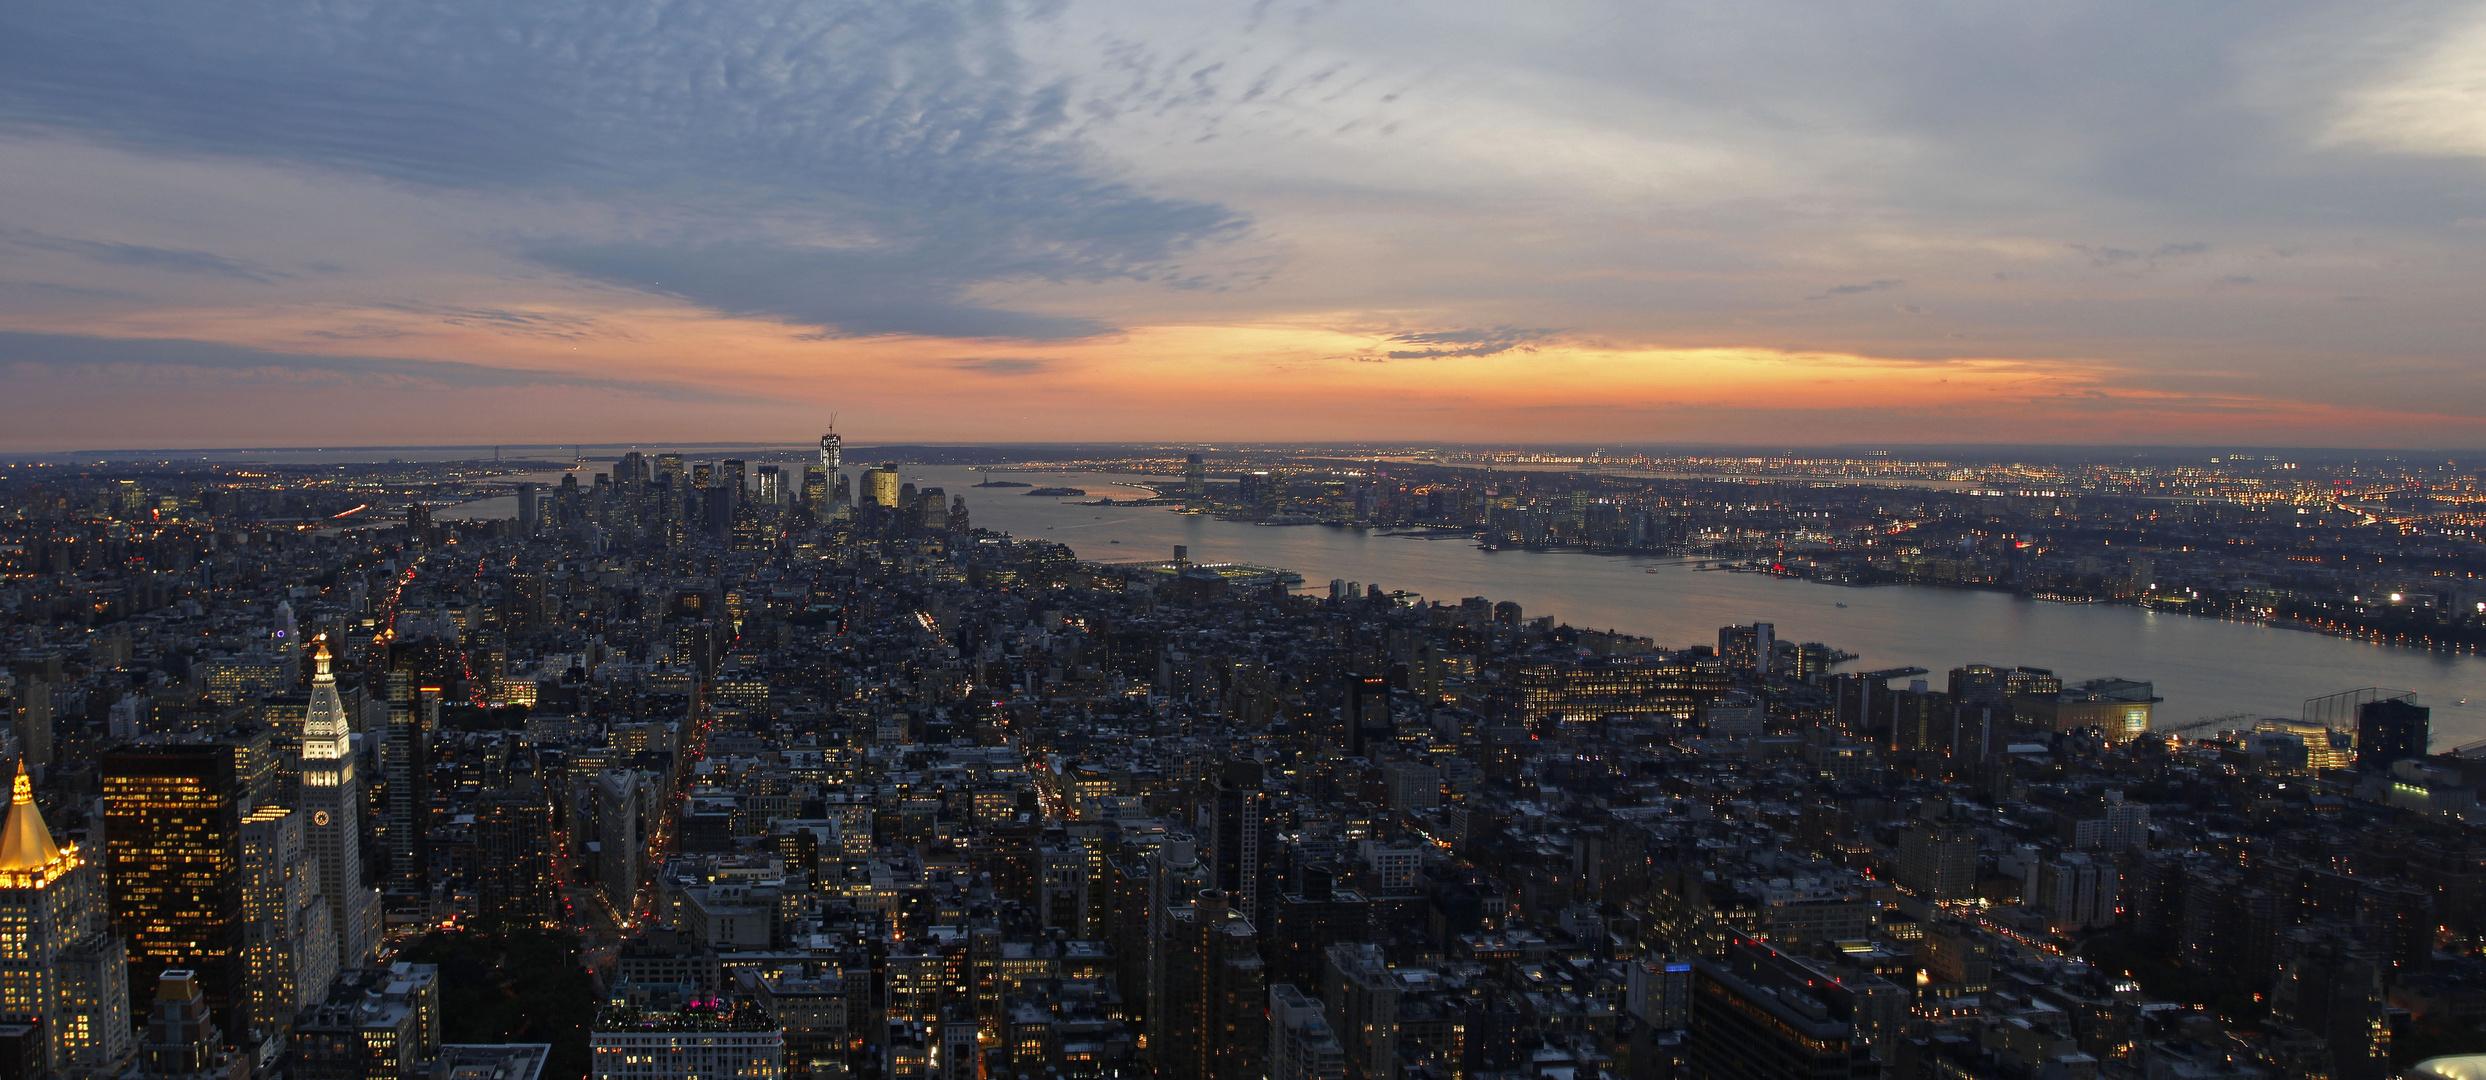 Ein Abend auf dem Empire State Building, New York